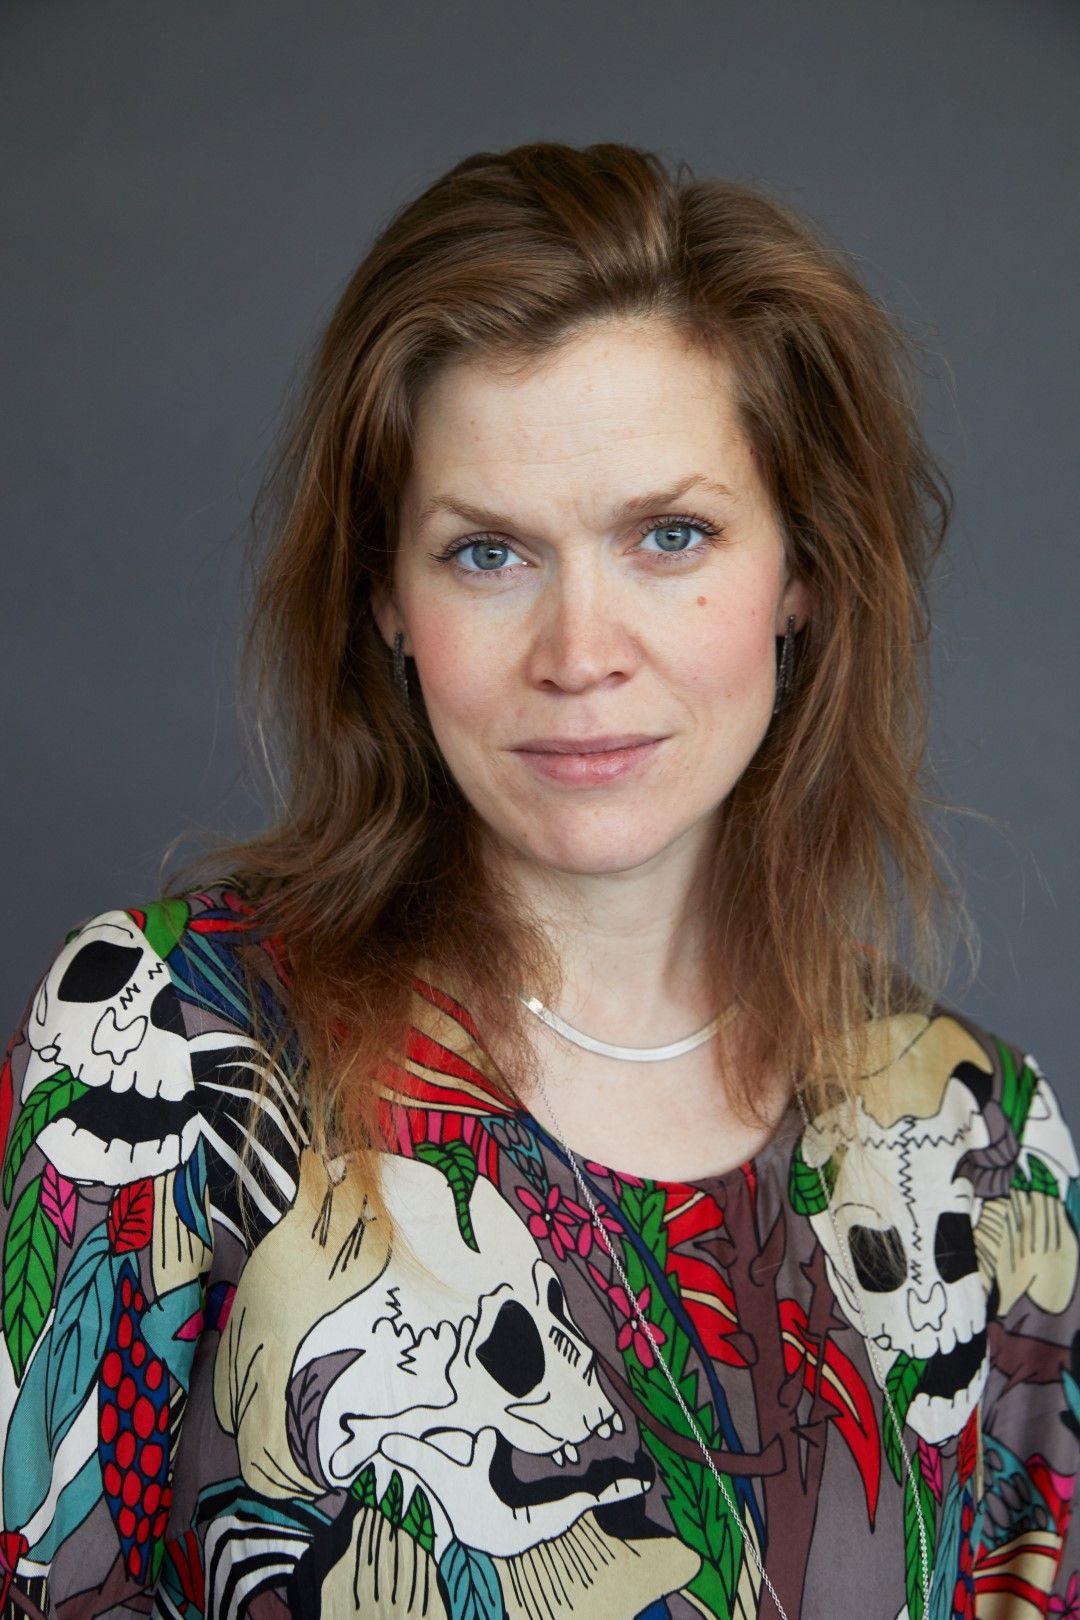 Birta Fróðadóttir